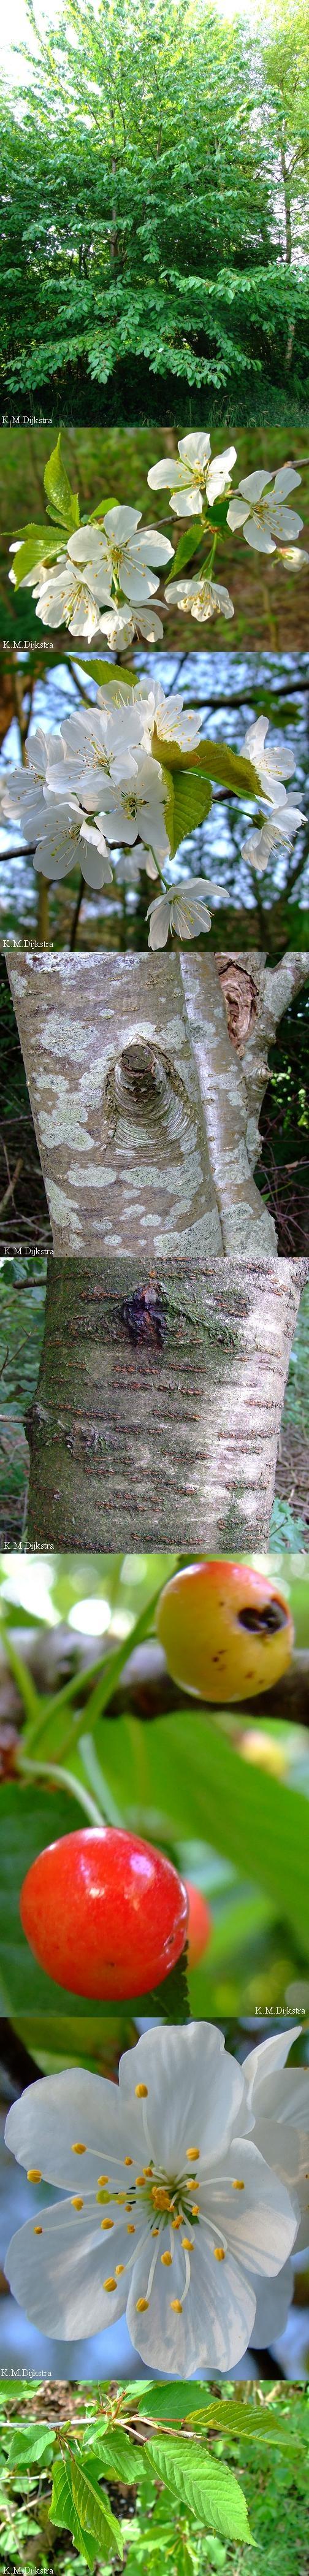 Zoete kers - Prunus avium (de zure kers is niet inheems) hout: mooi, goede kwaliteit vruchten: eetbaar, hoestmiddeltje